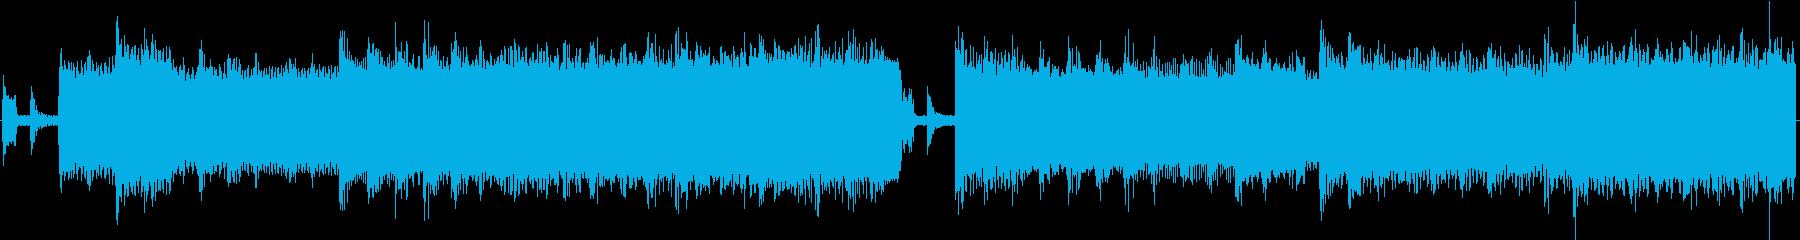 8bit コミカル、ポップなループBGMの再生済みの波形